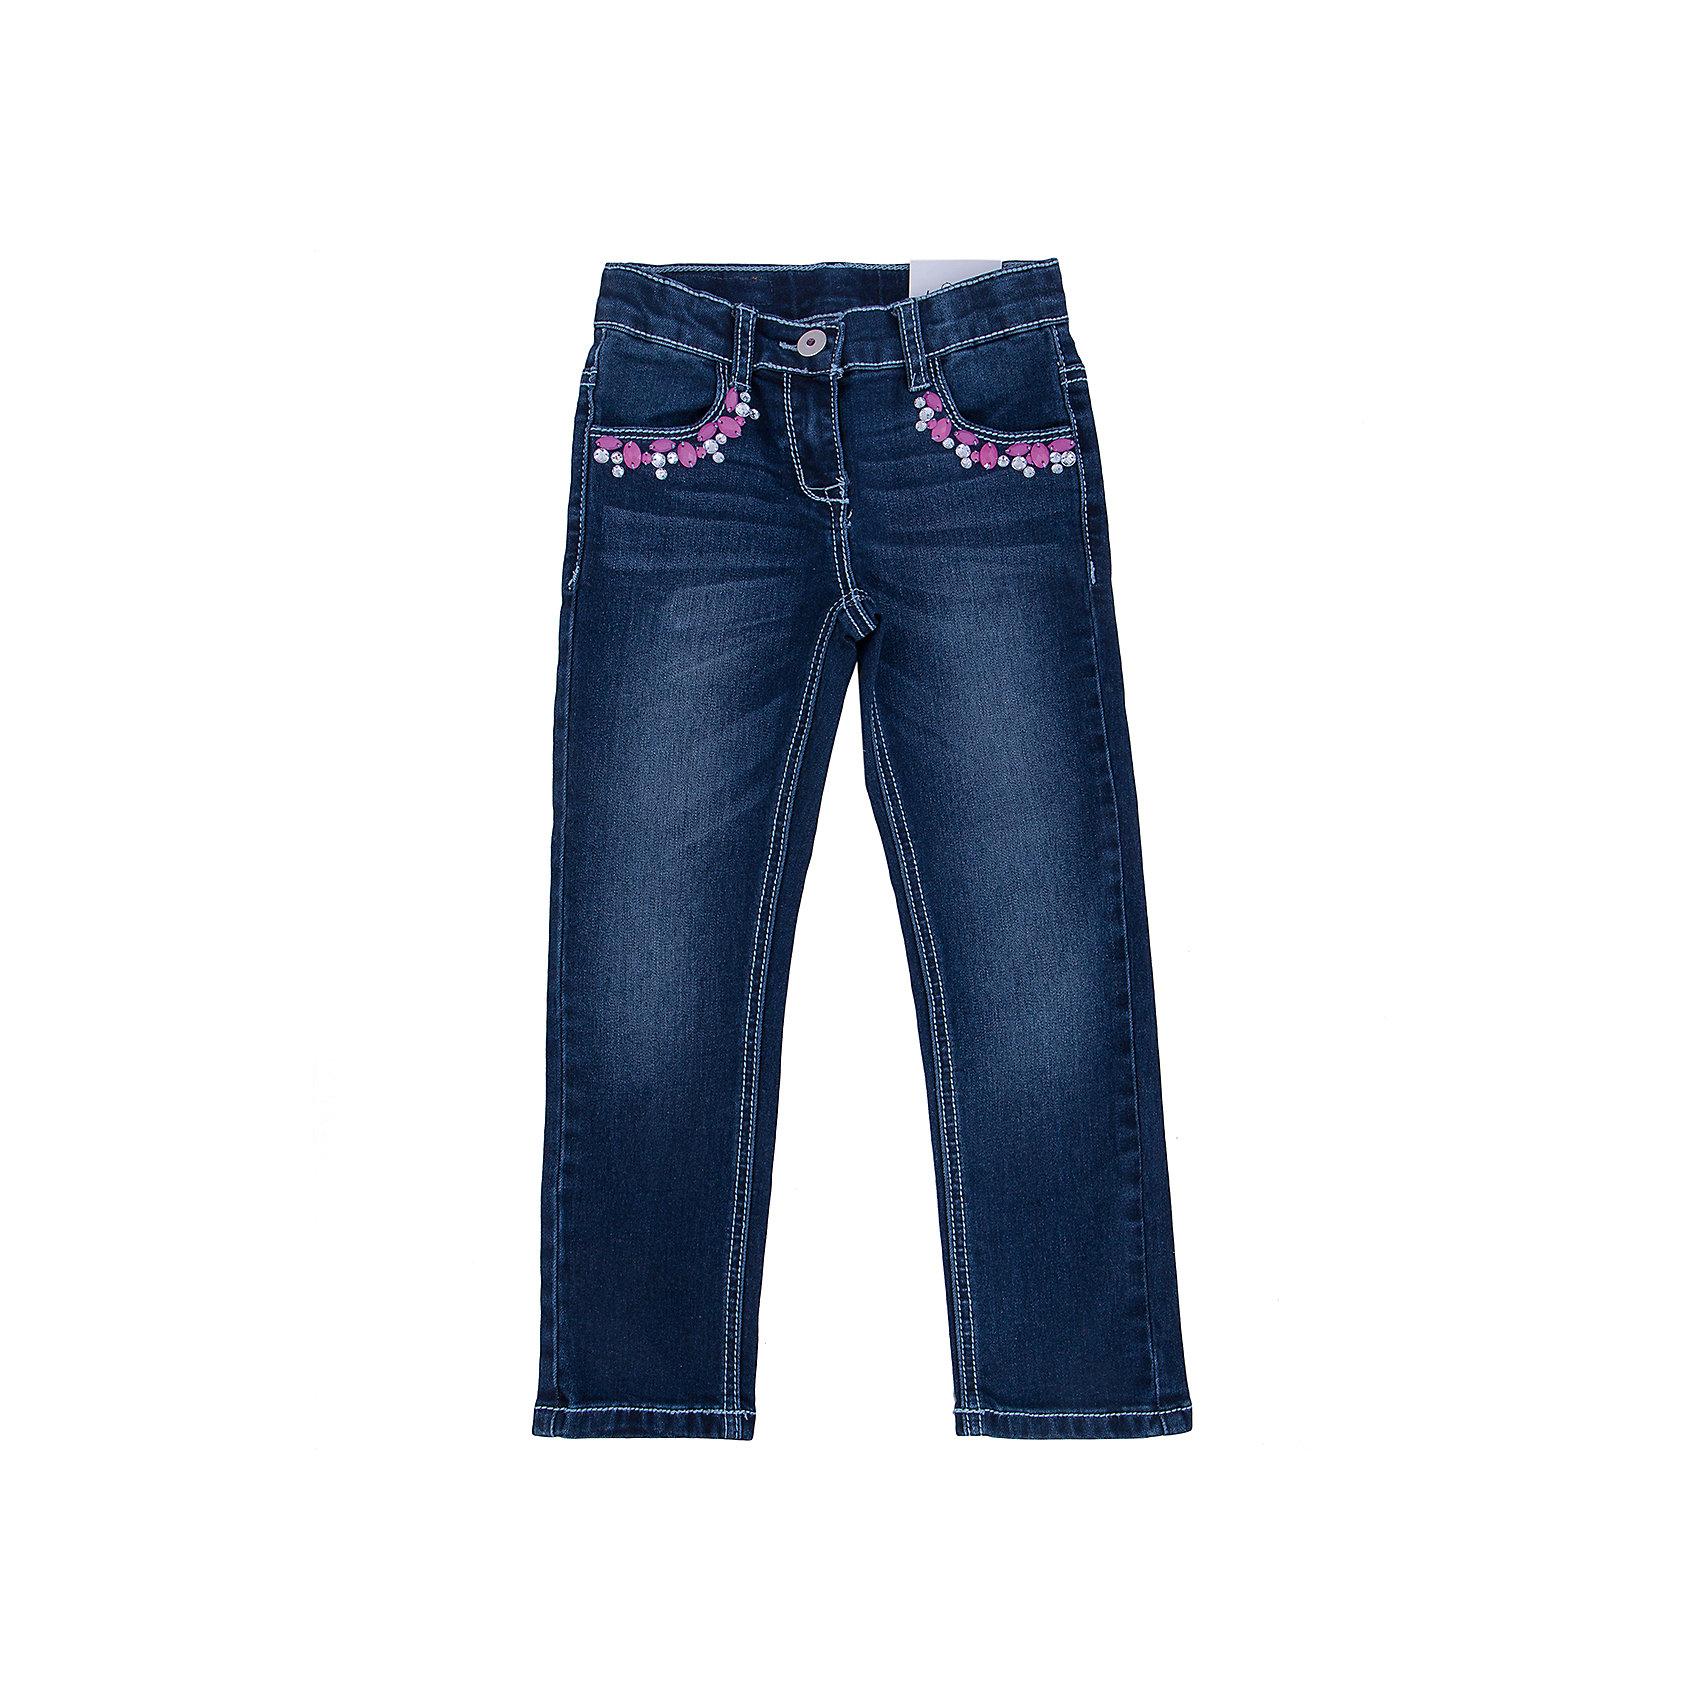 Джинсы для девочки PlayTodayДжинсы для девочки от известного бренда PlayToday.<br>Стильные джинсы прямого кроя. Застегиваются на молнию и пуговицу. Украшены крупными сверкающими стразами. Есть 4 функциональных кармана.<br>Состав:<br>75% хлопок, 23% полиэстер, 2% эластан<br><br>Ширина мм: 215<br>Глубина мм: 88<br>Высота мм: 191<br>Вес г: 336<br>Цвет: синий<br>Возраст от месяцев: 24<br>Возраст до месяцев: 36<br>Пол: Женский<br>Возраст: Детский<br>Размер: 98,122,104,128,110,116<br>SKU: 4896971